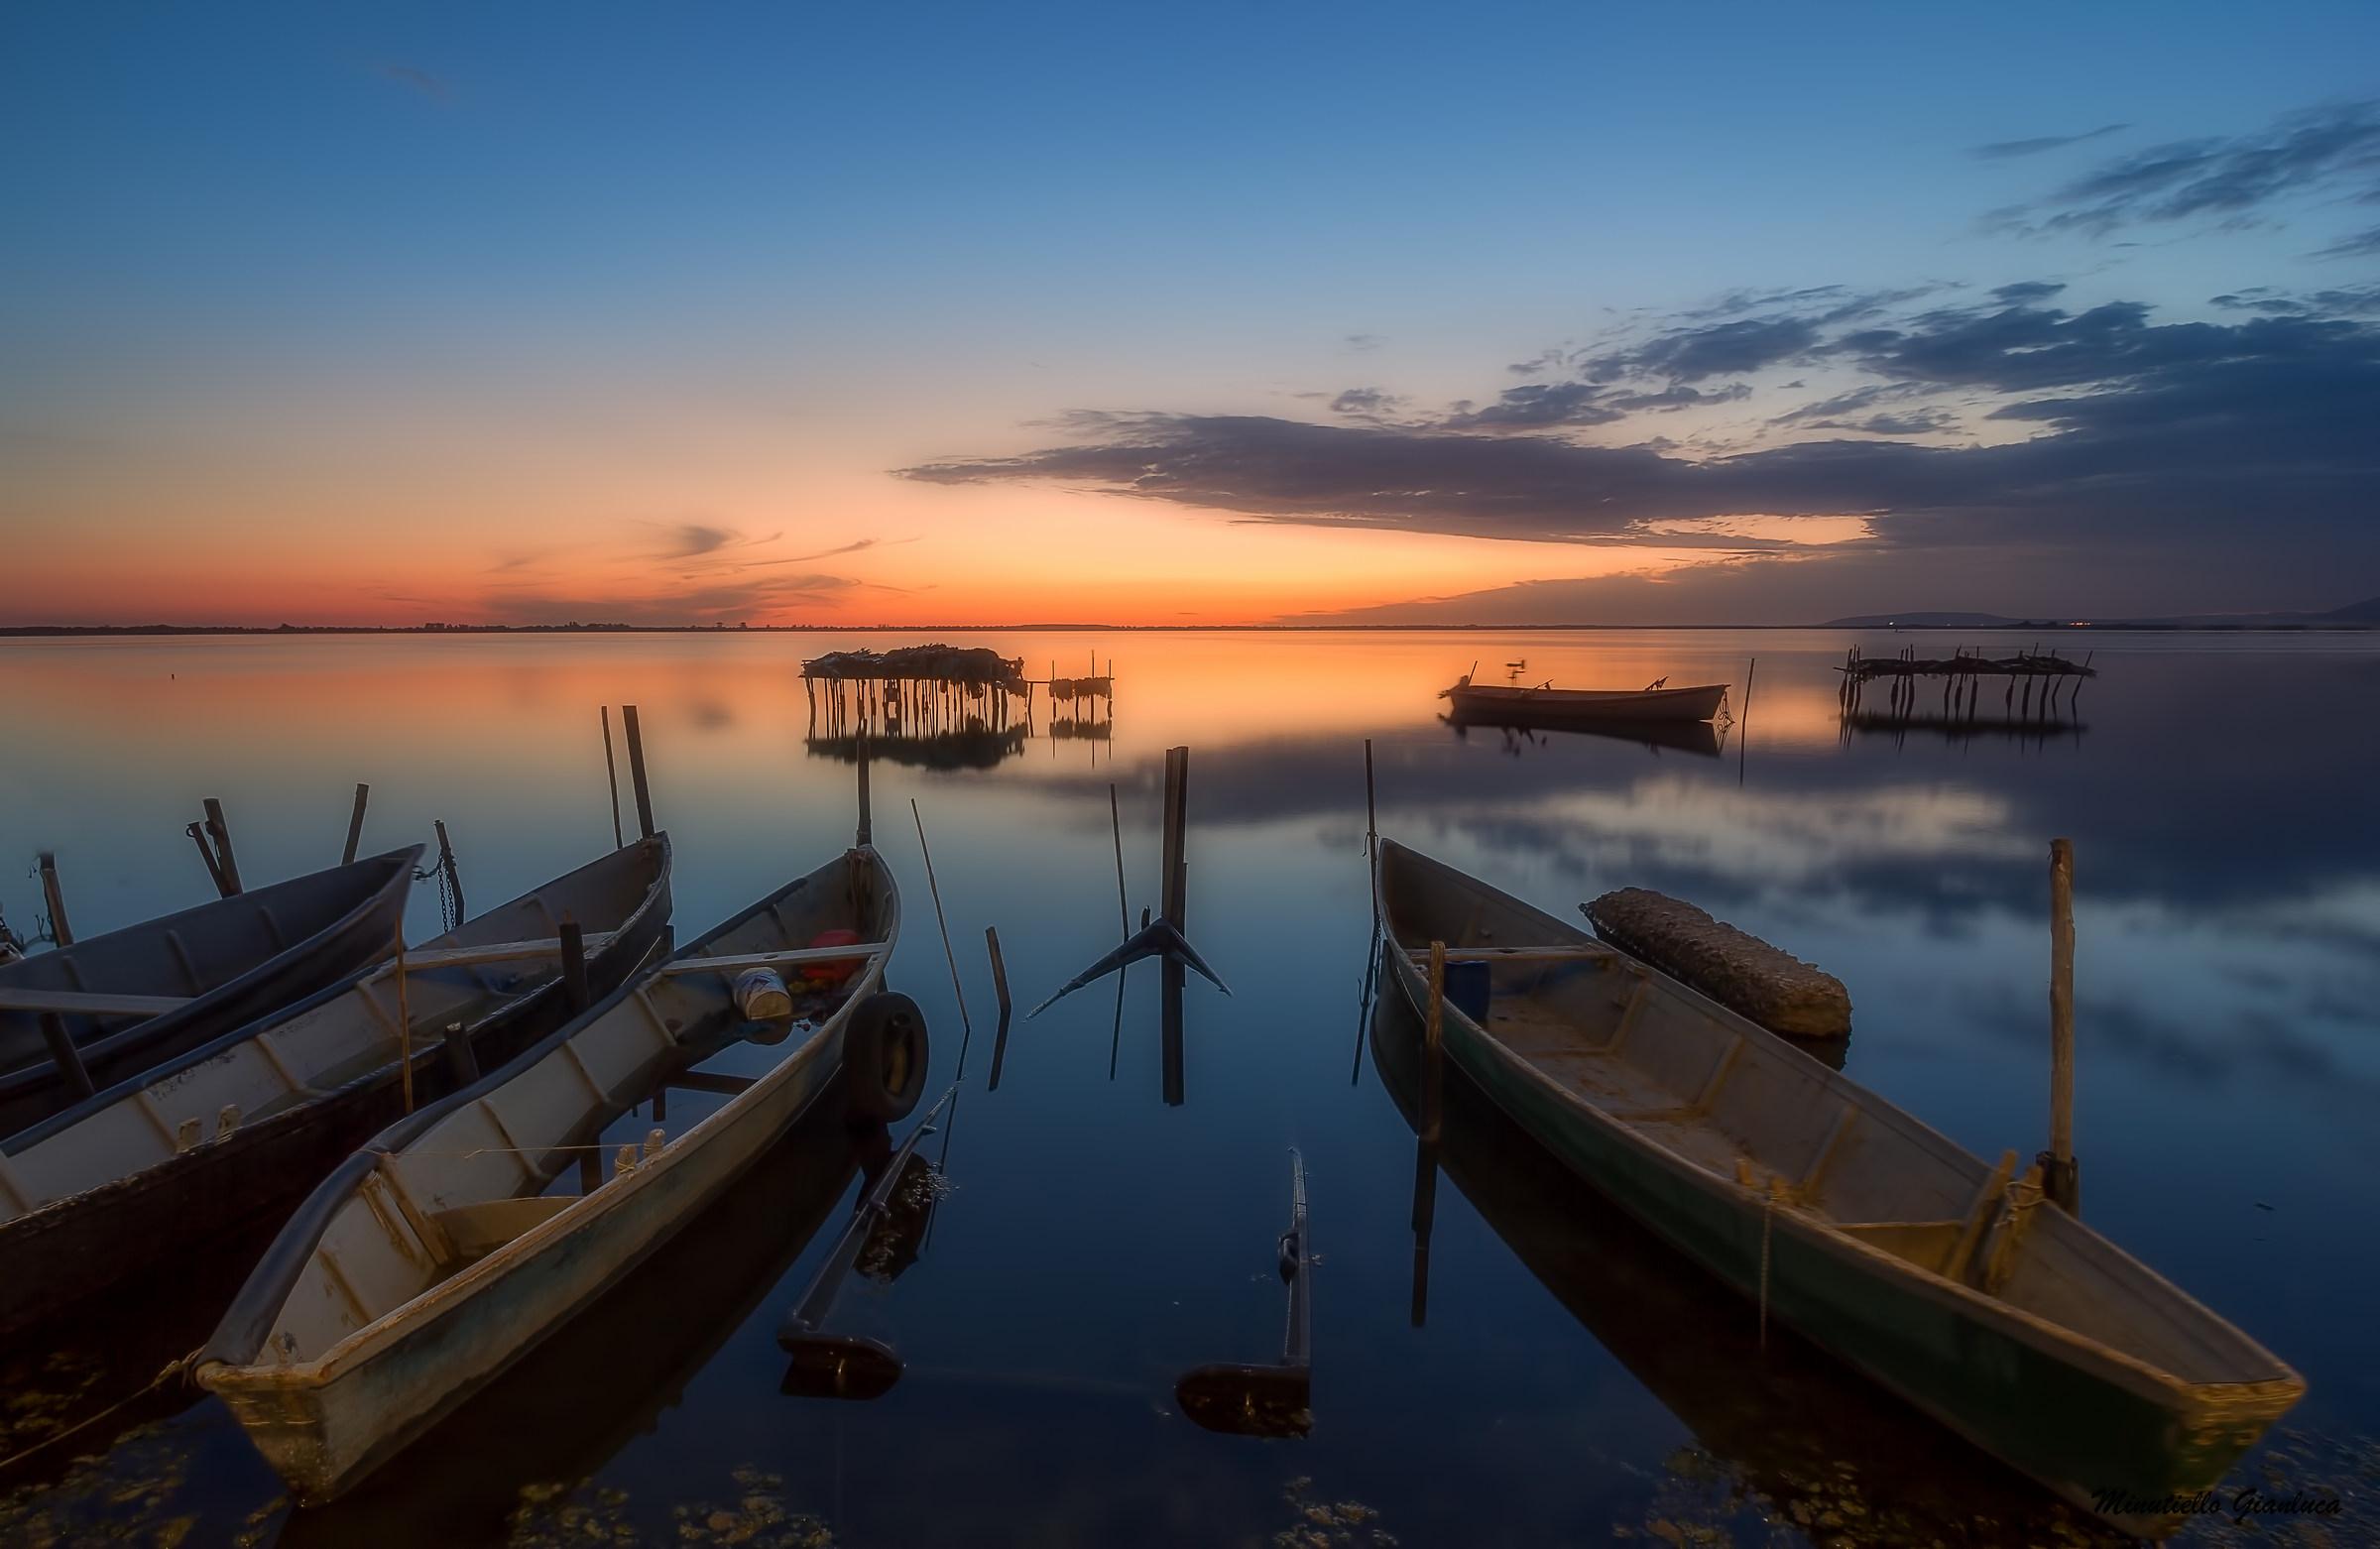 Lesina's boats...